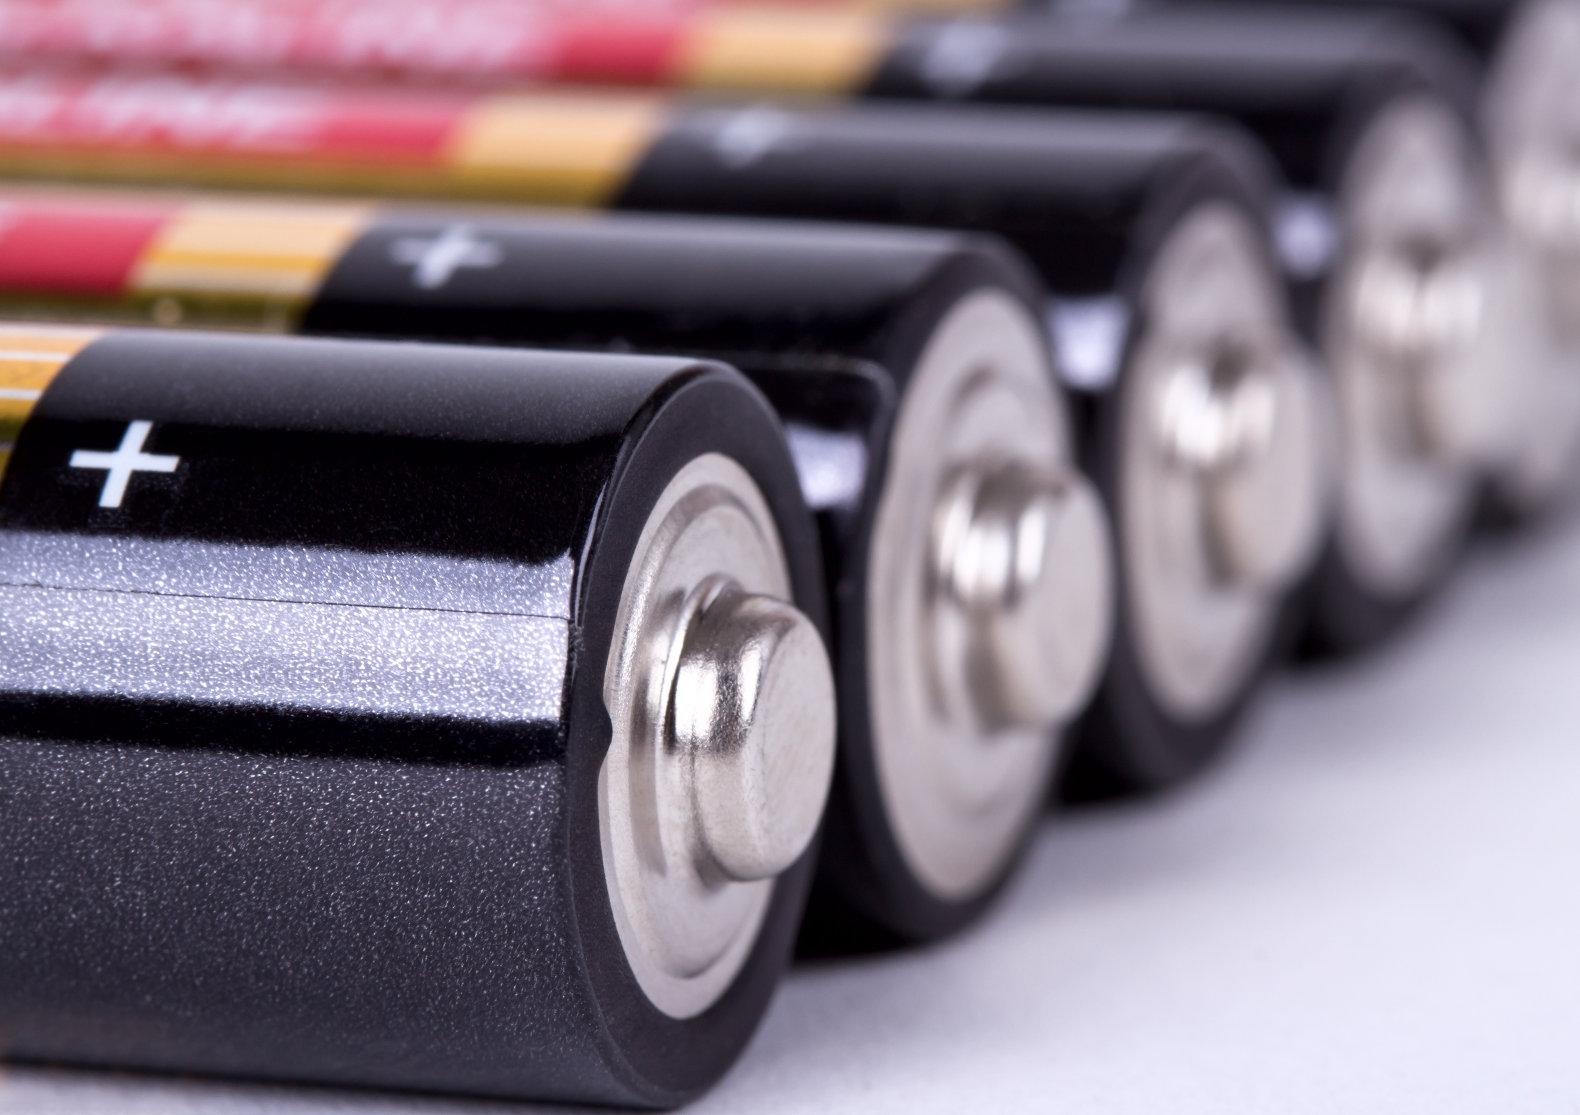 Ученые случайно открыли почти вечные батареи. Facepla.net последние новости экологии